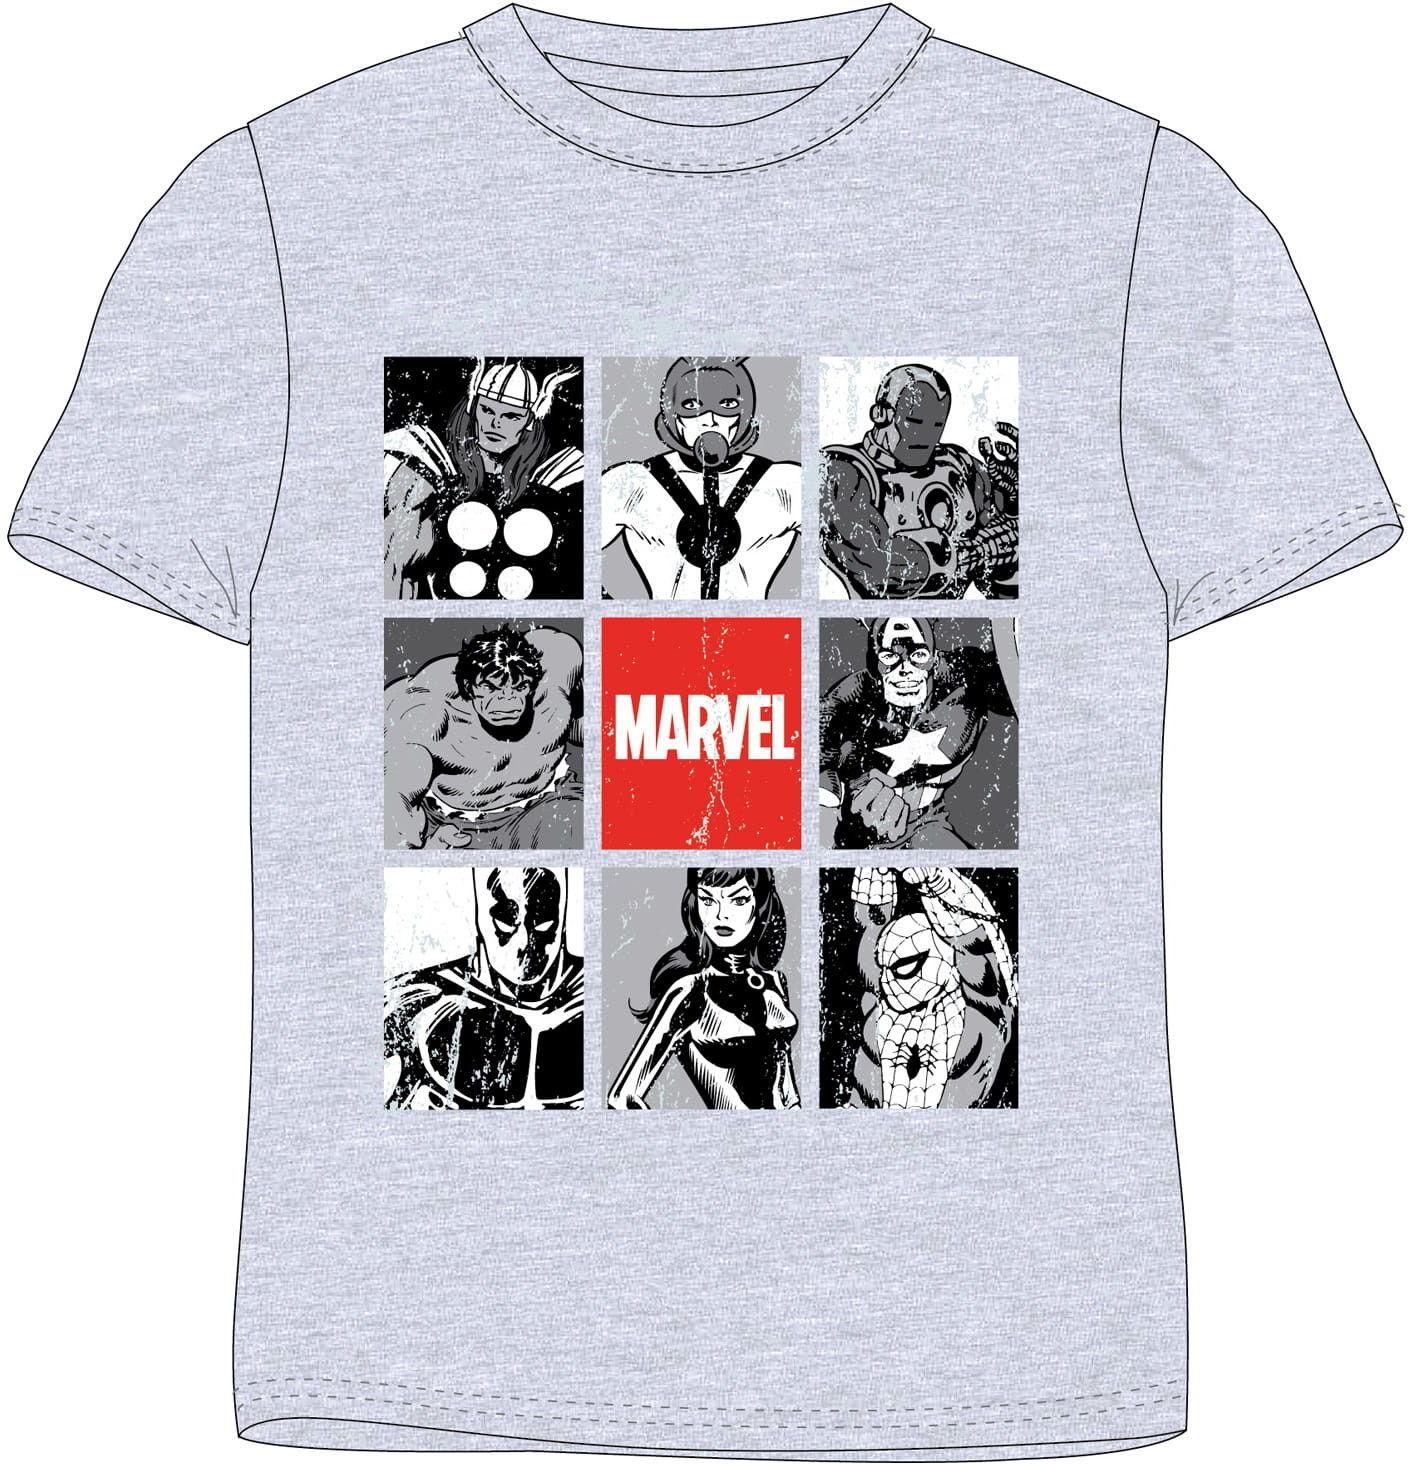 Bluzka chłopięca AVENGERS - Marvel, szara